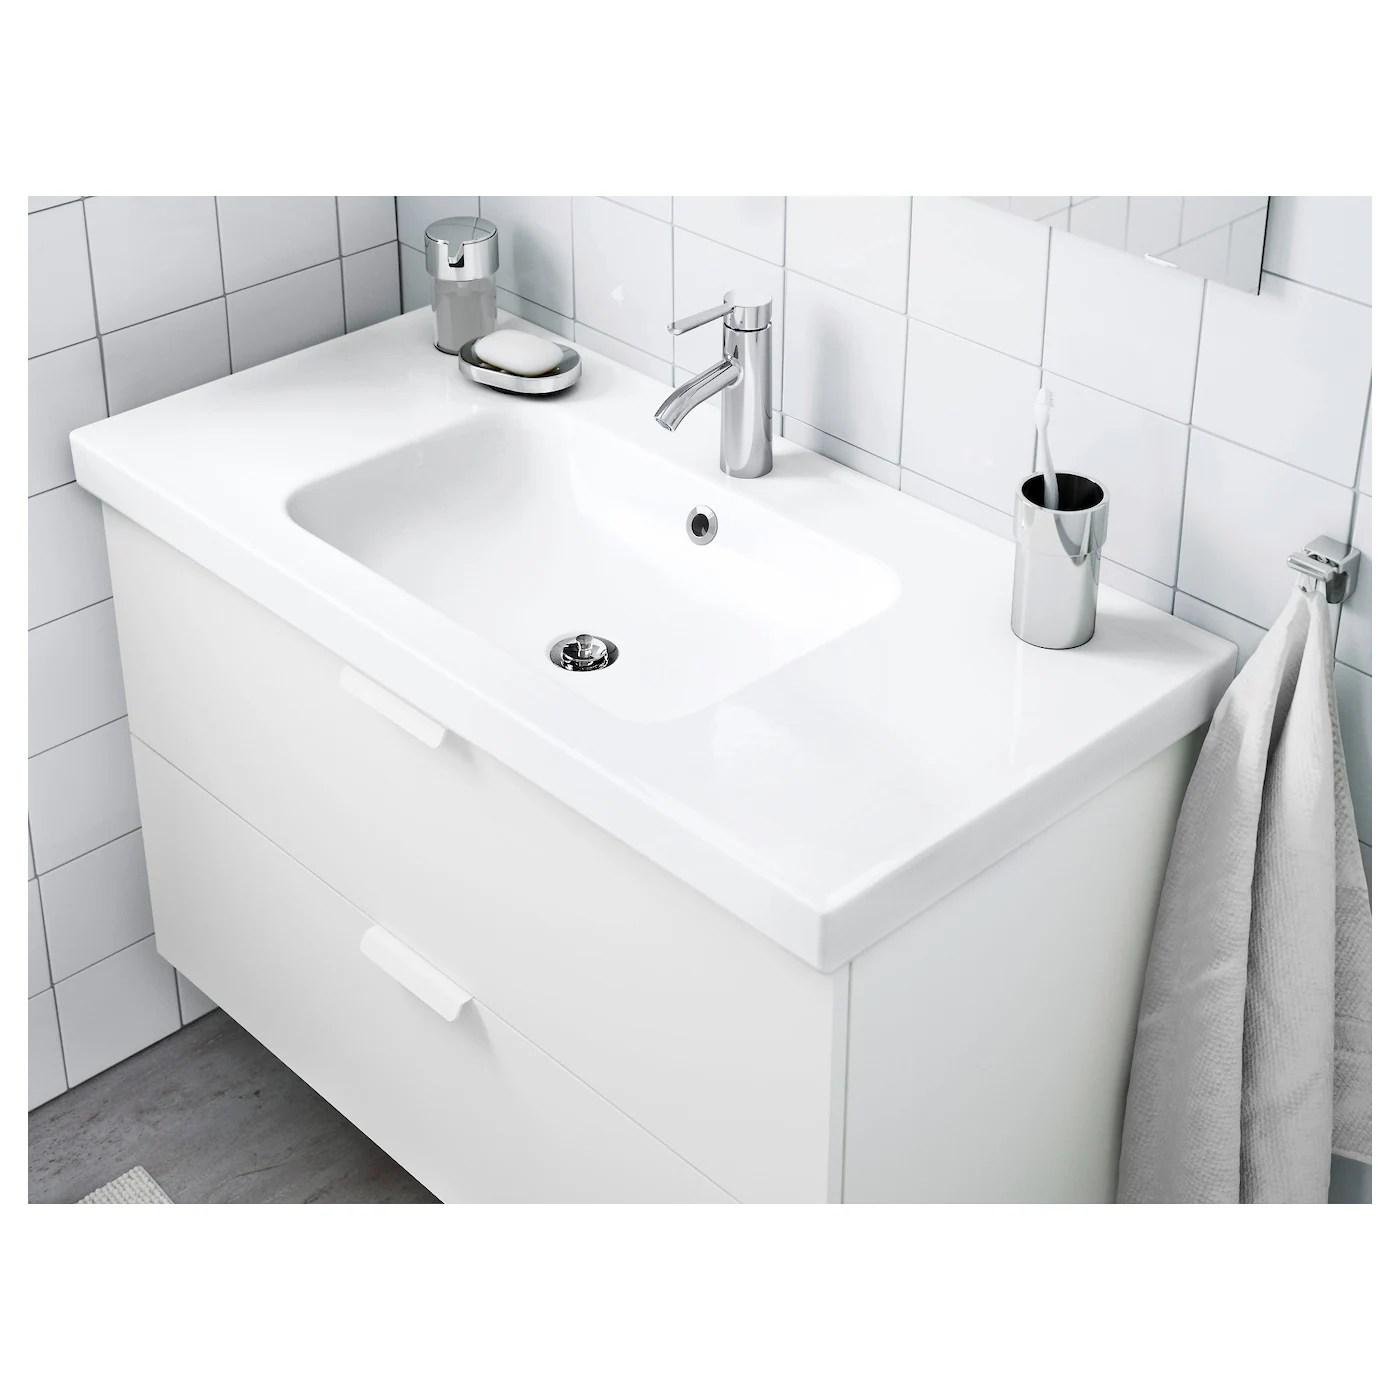 ODENSVIK Waschbecken/1   IKEA Deutschland